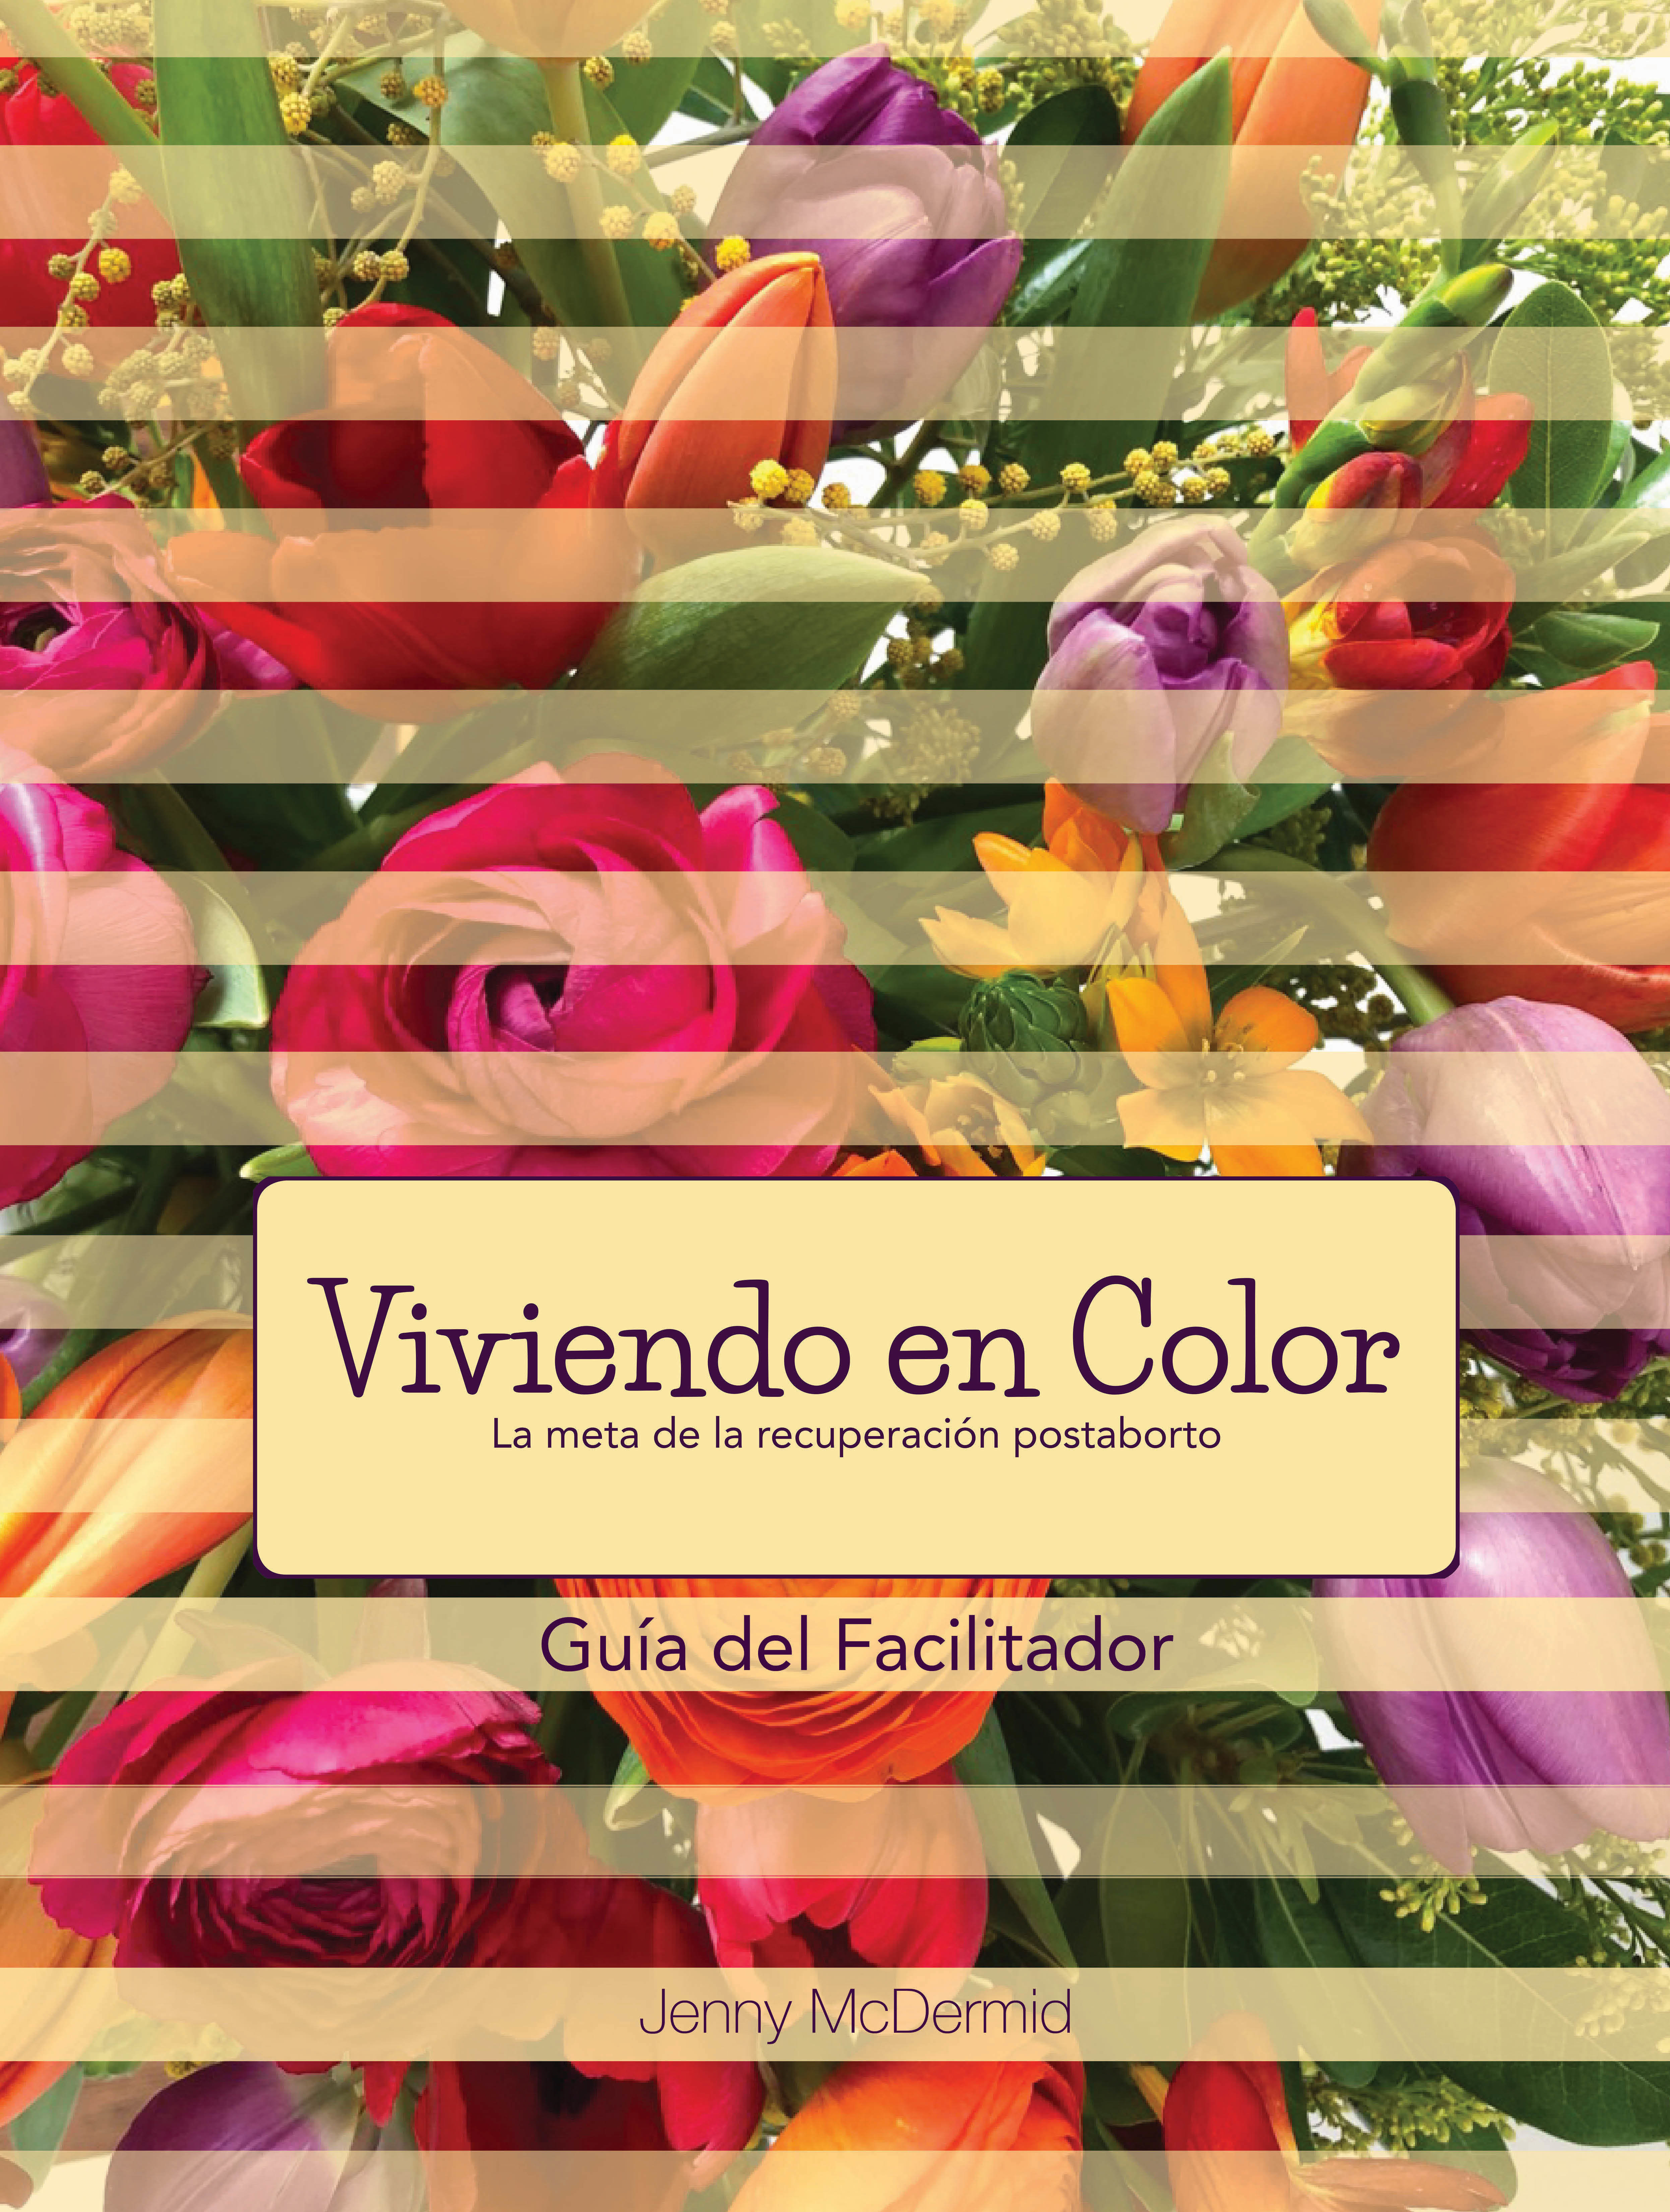 Viviendo en Color - Guia del Facilitador PDF (download) 00010